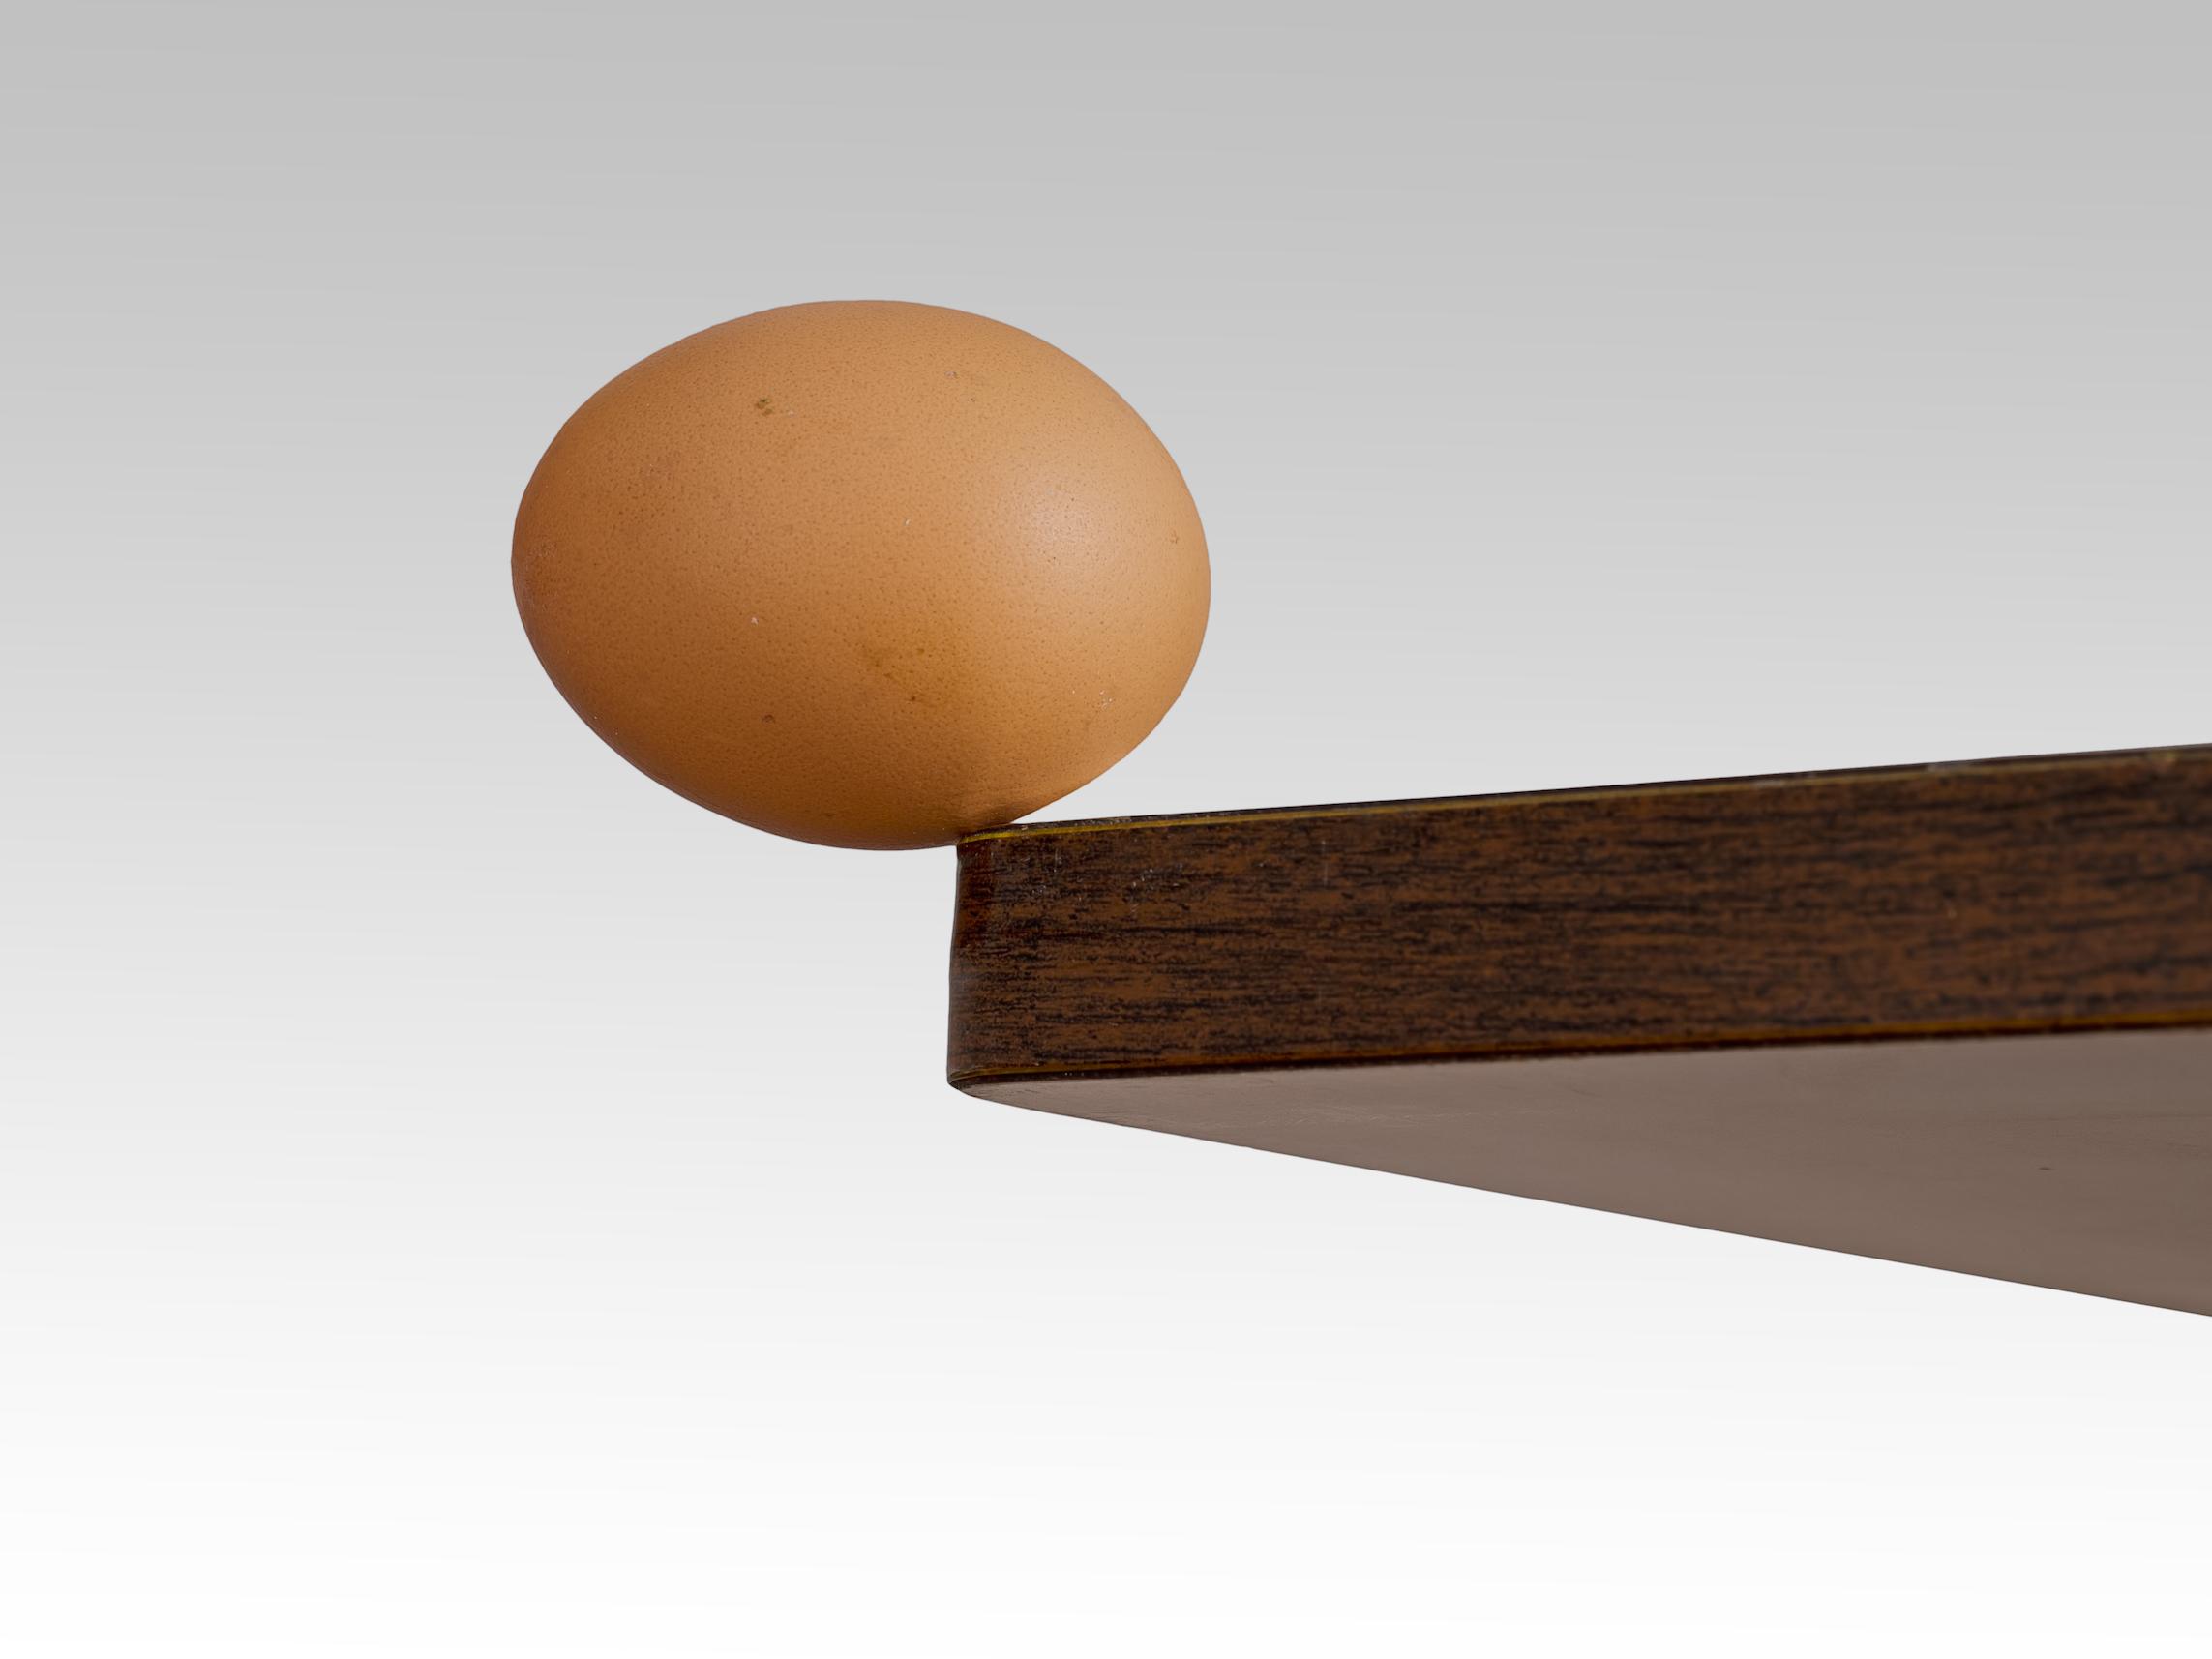 Egg balanced on edge of table